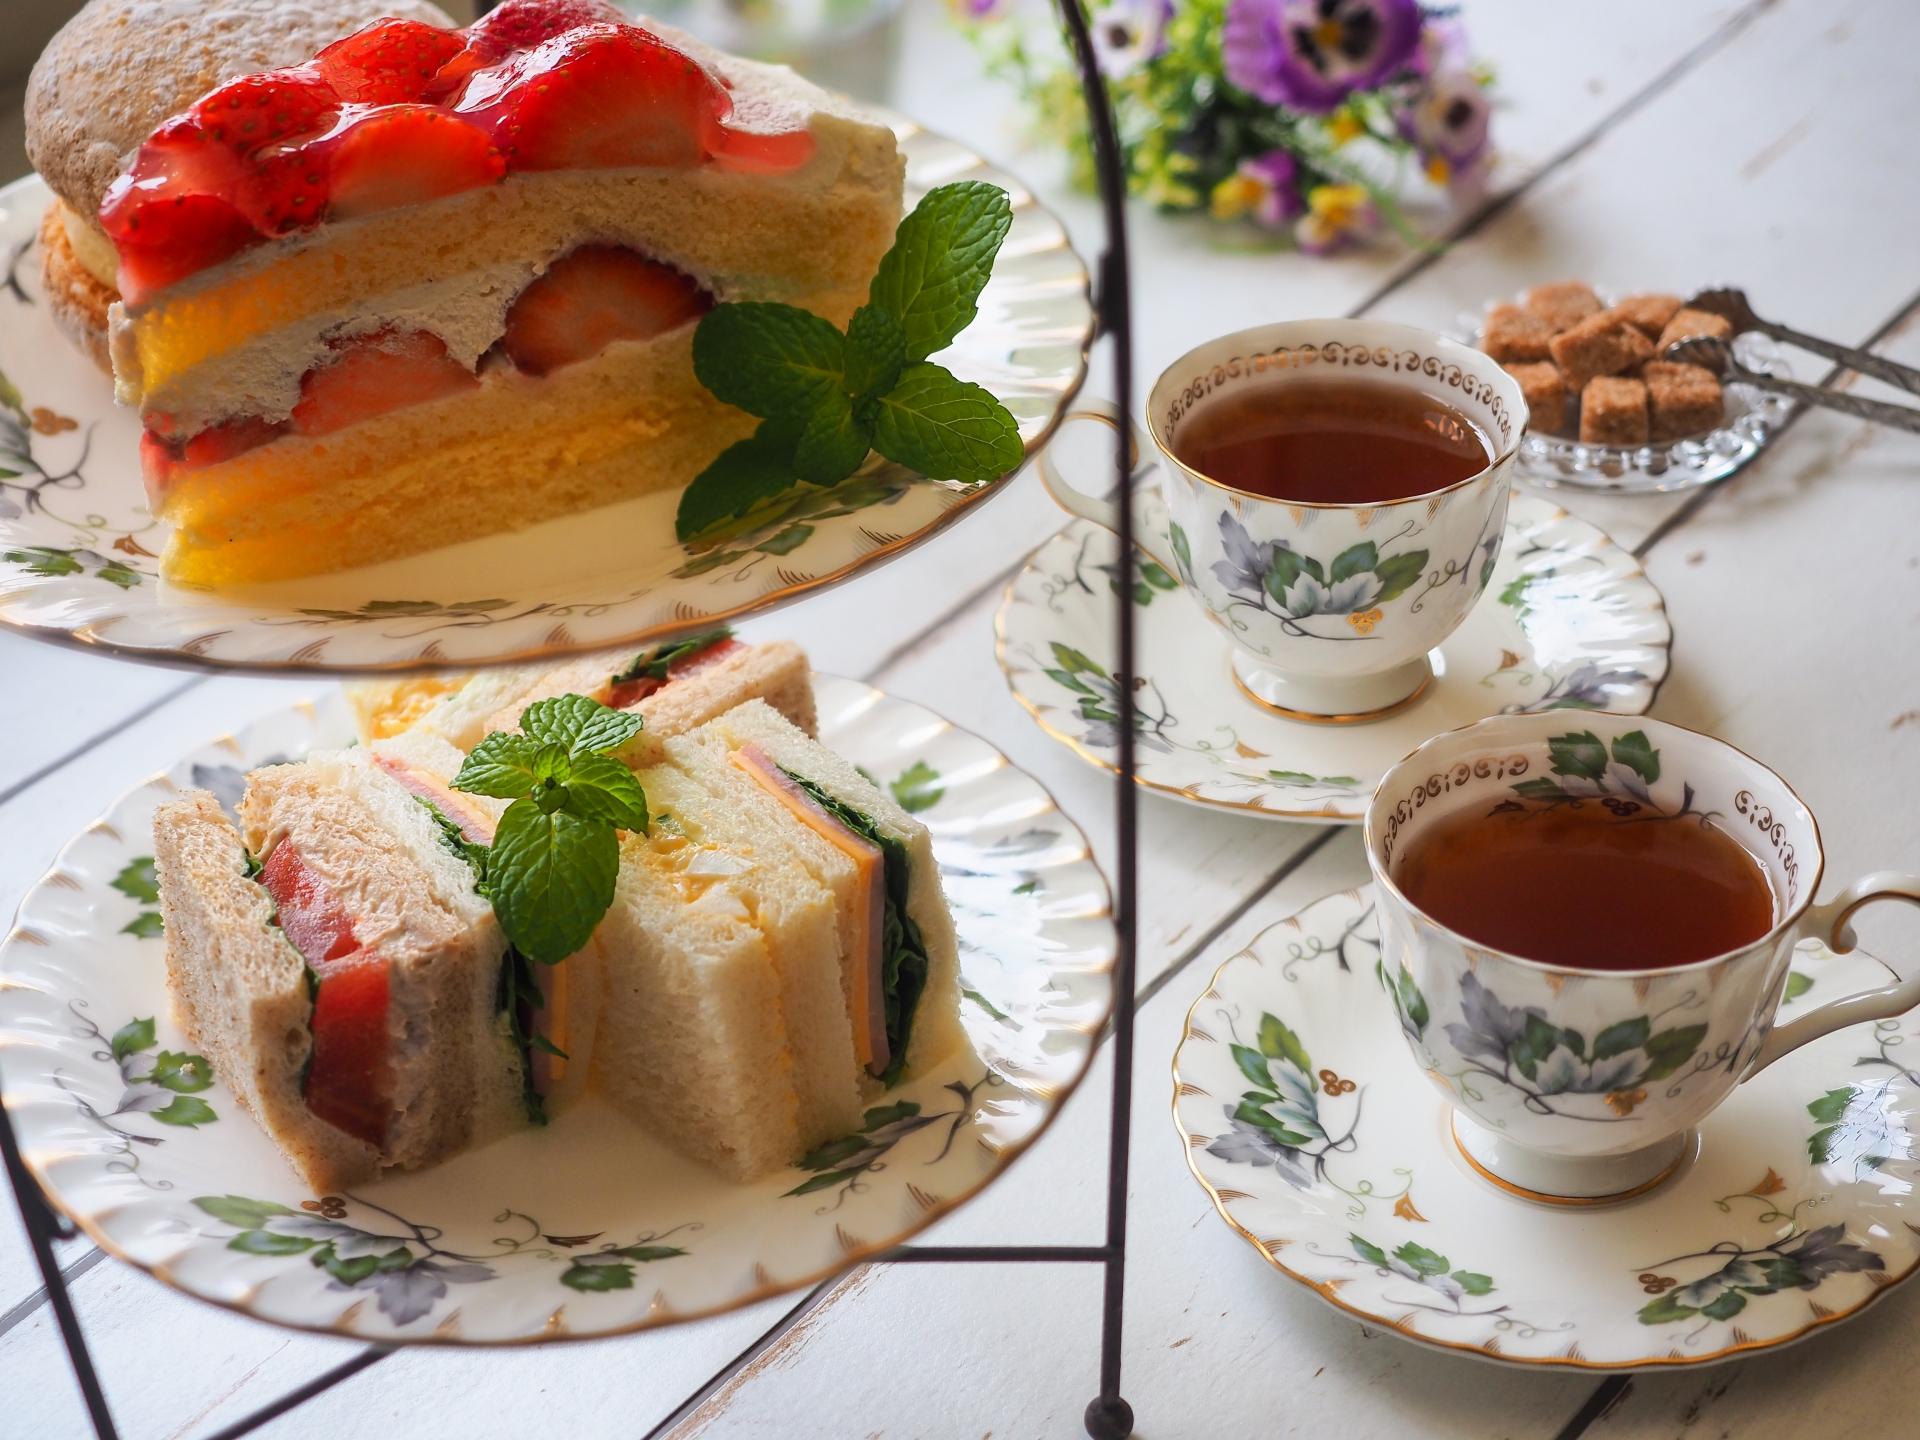 アフタヌーンティーを名古屋で楽しむならココ!おすすめのホテルやカフェを紹介!